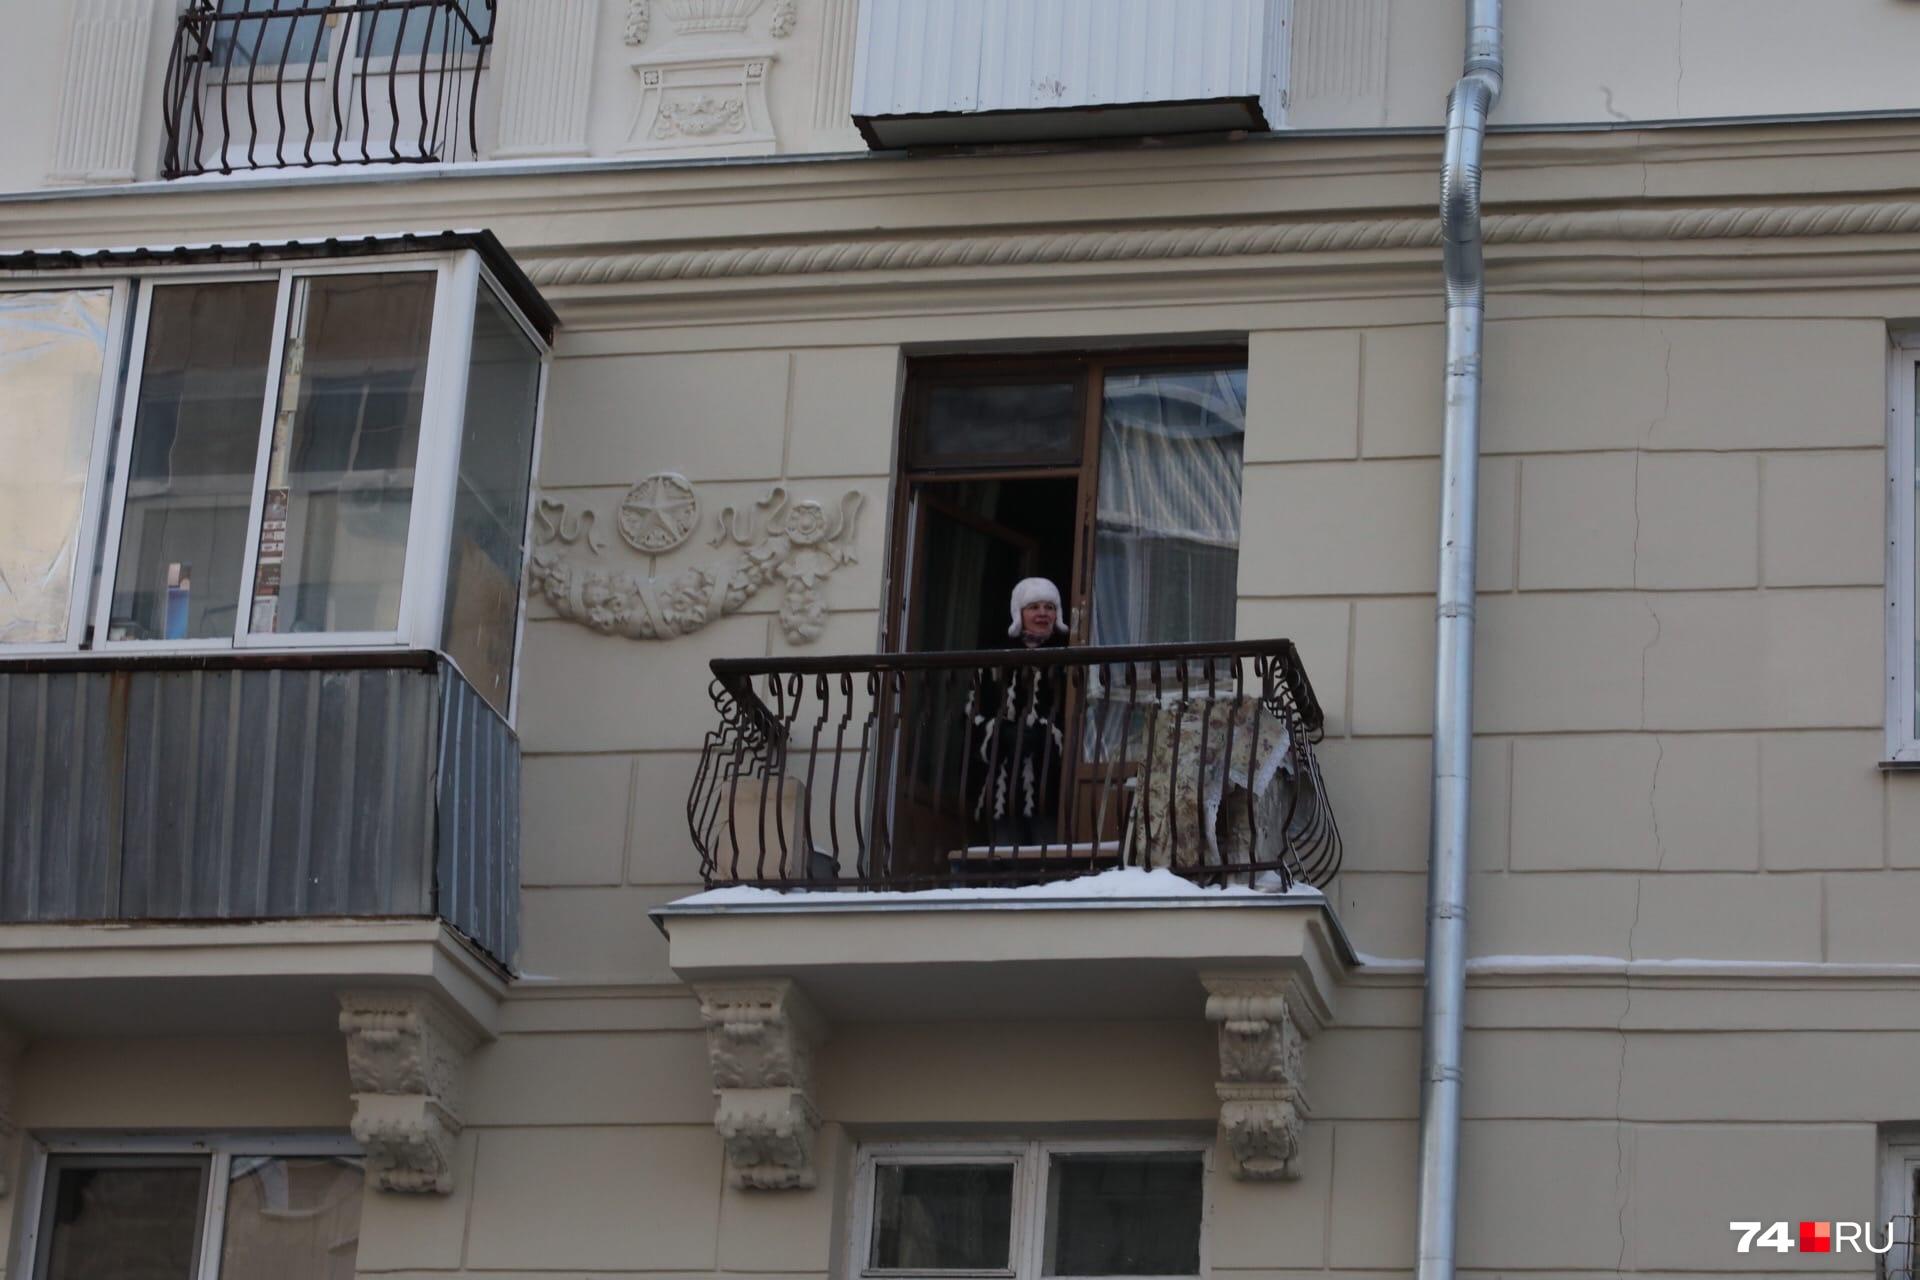 Жители улицы Советской смотрели сверху на участников несогласованной акции